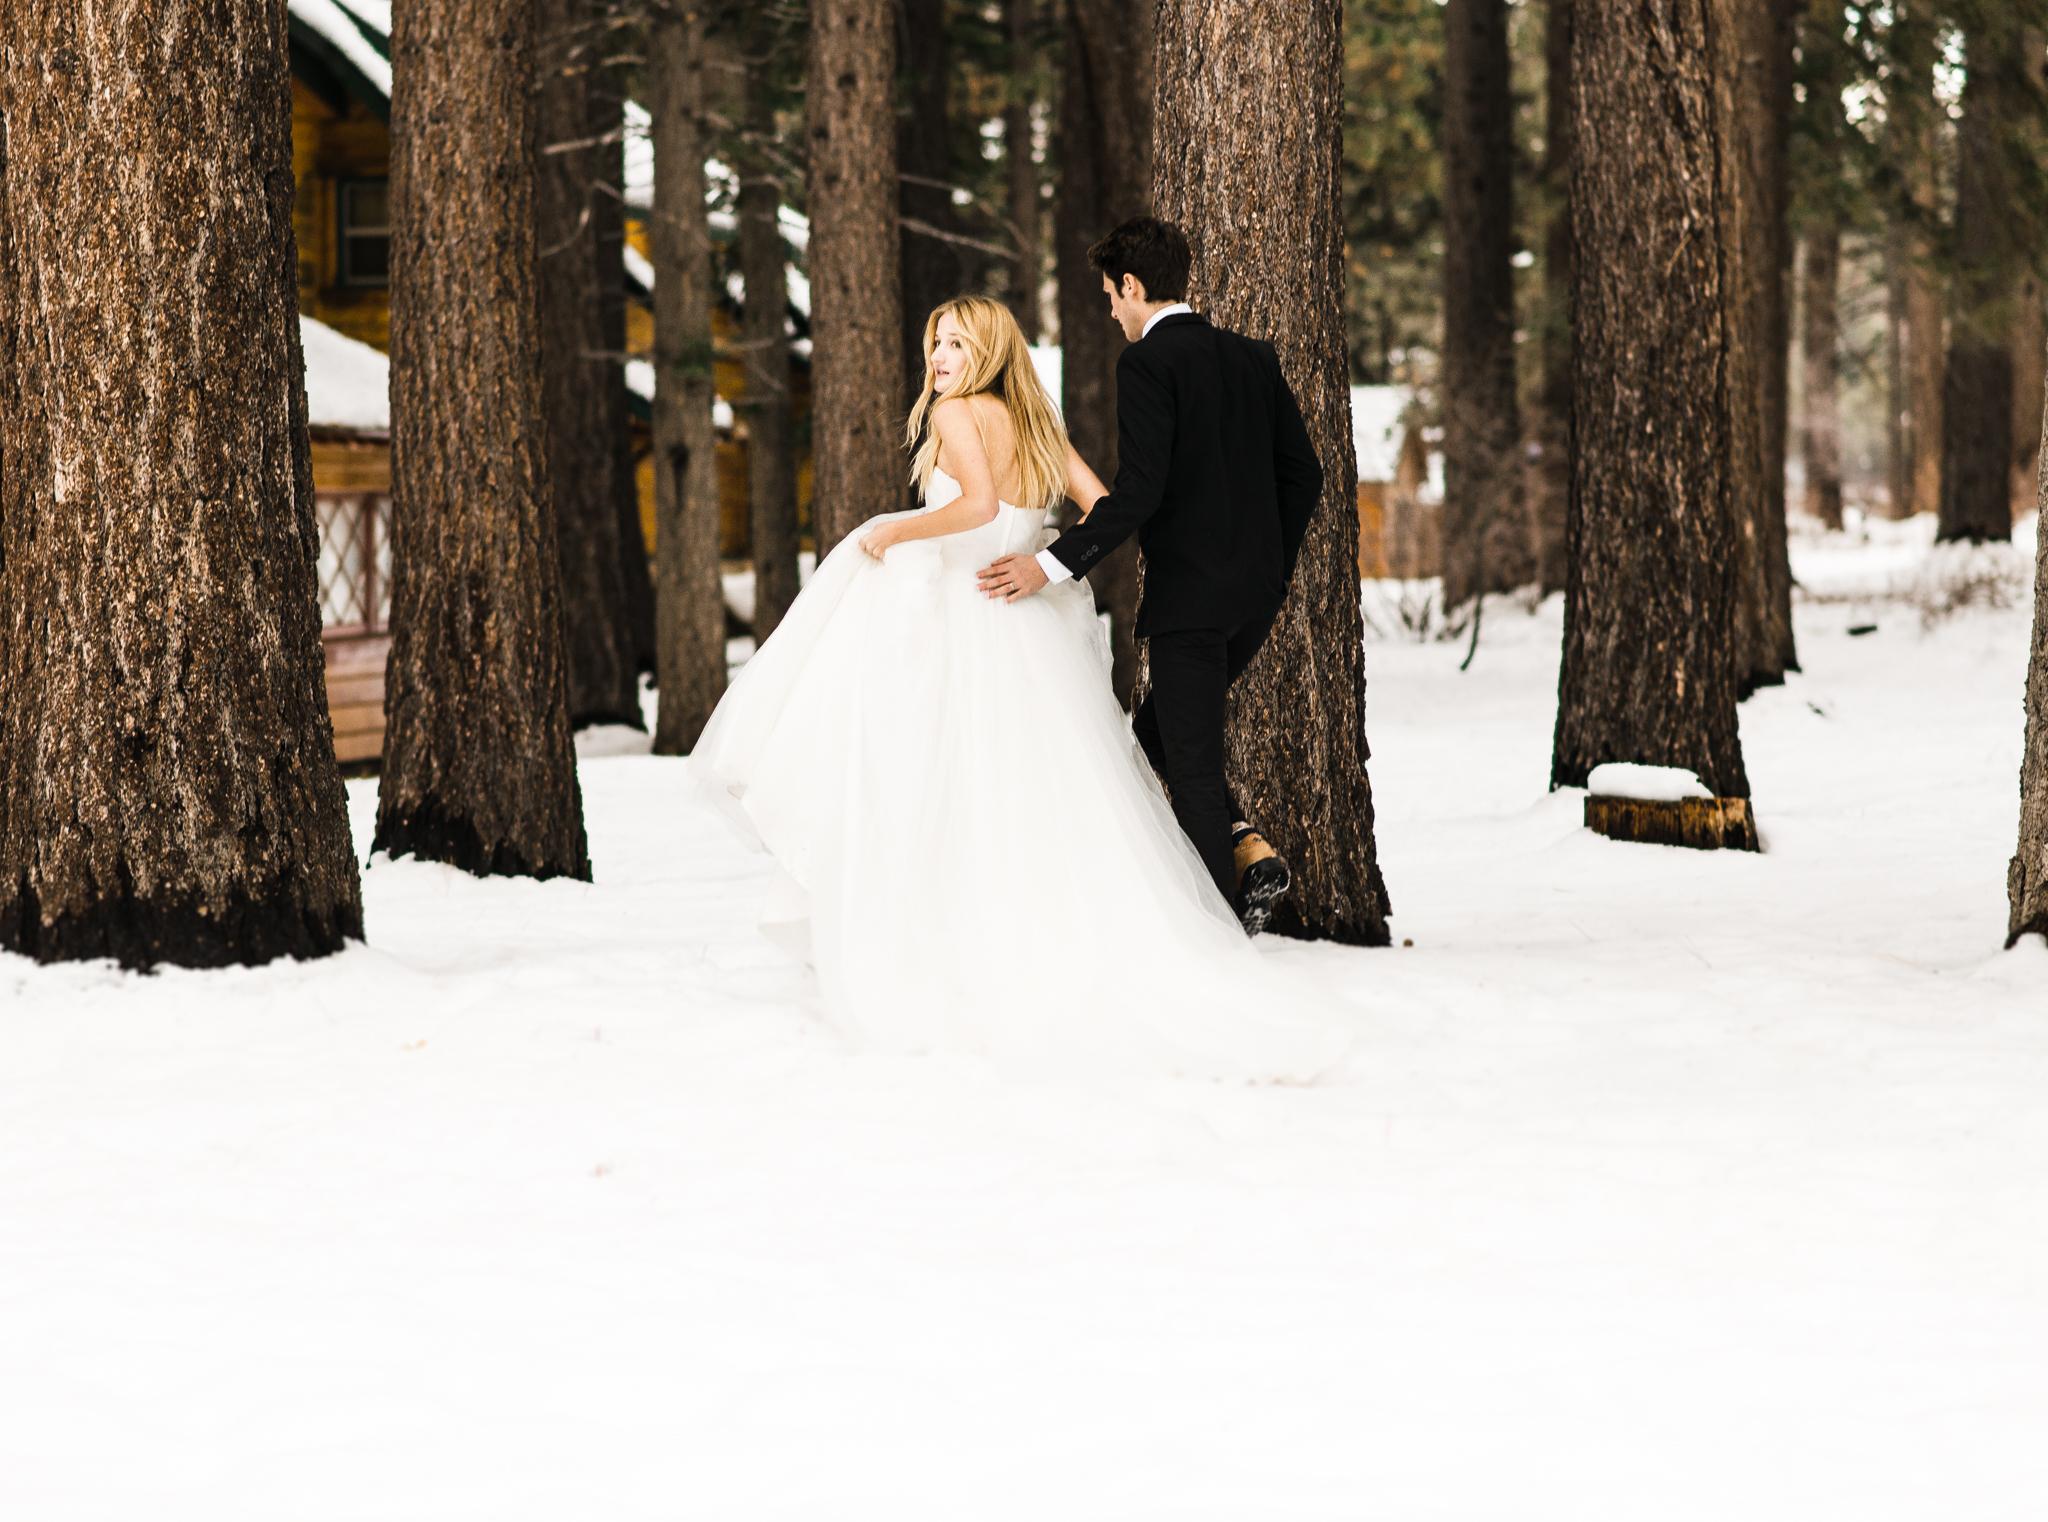 ©Isaiah & Taylor Photography - Ben & Kadin Honeymoon-017.jpg